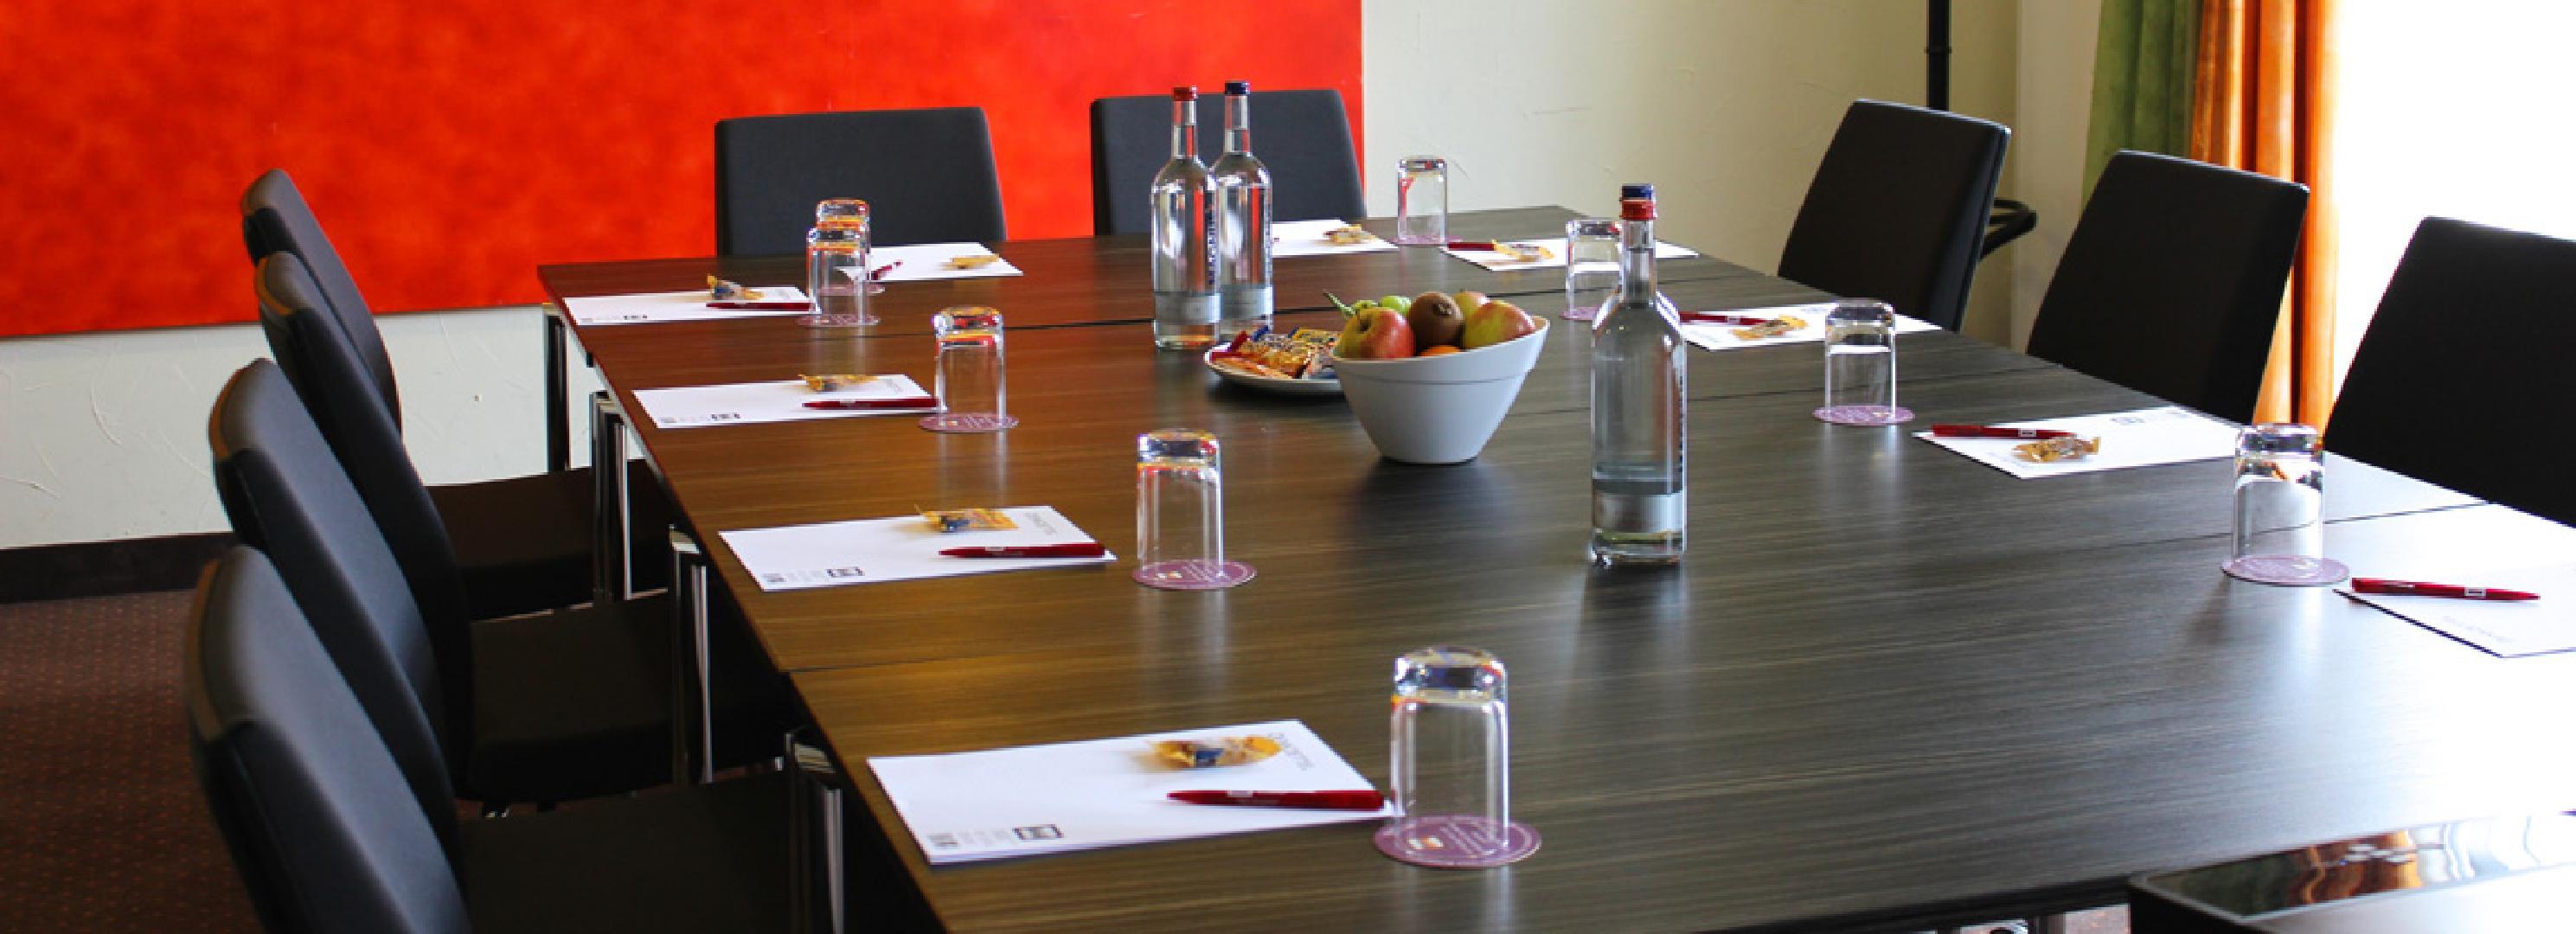 Bild 1 von Hotel VIVA CREATIVO - Hotel in Hannover